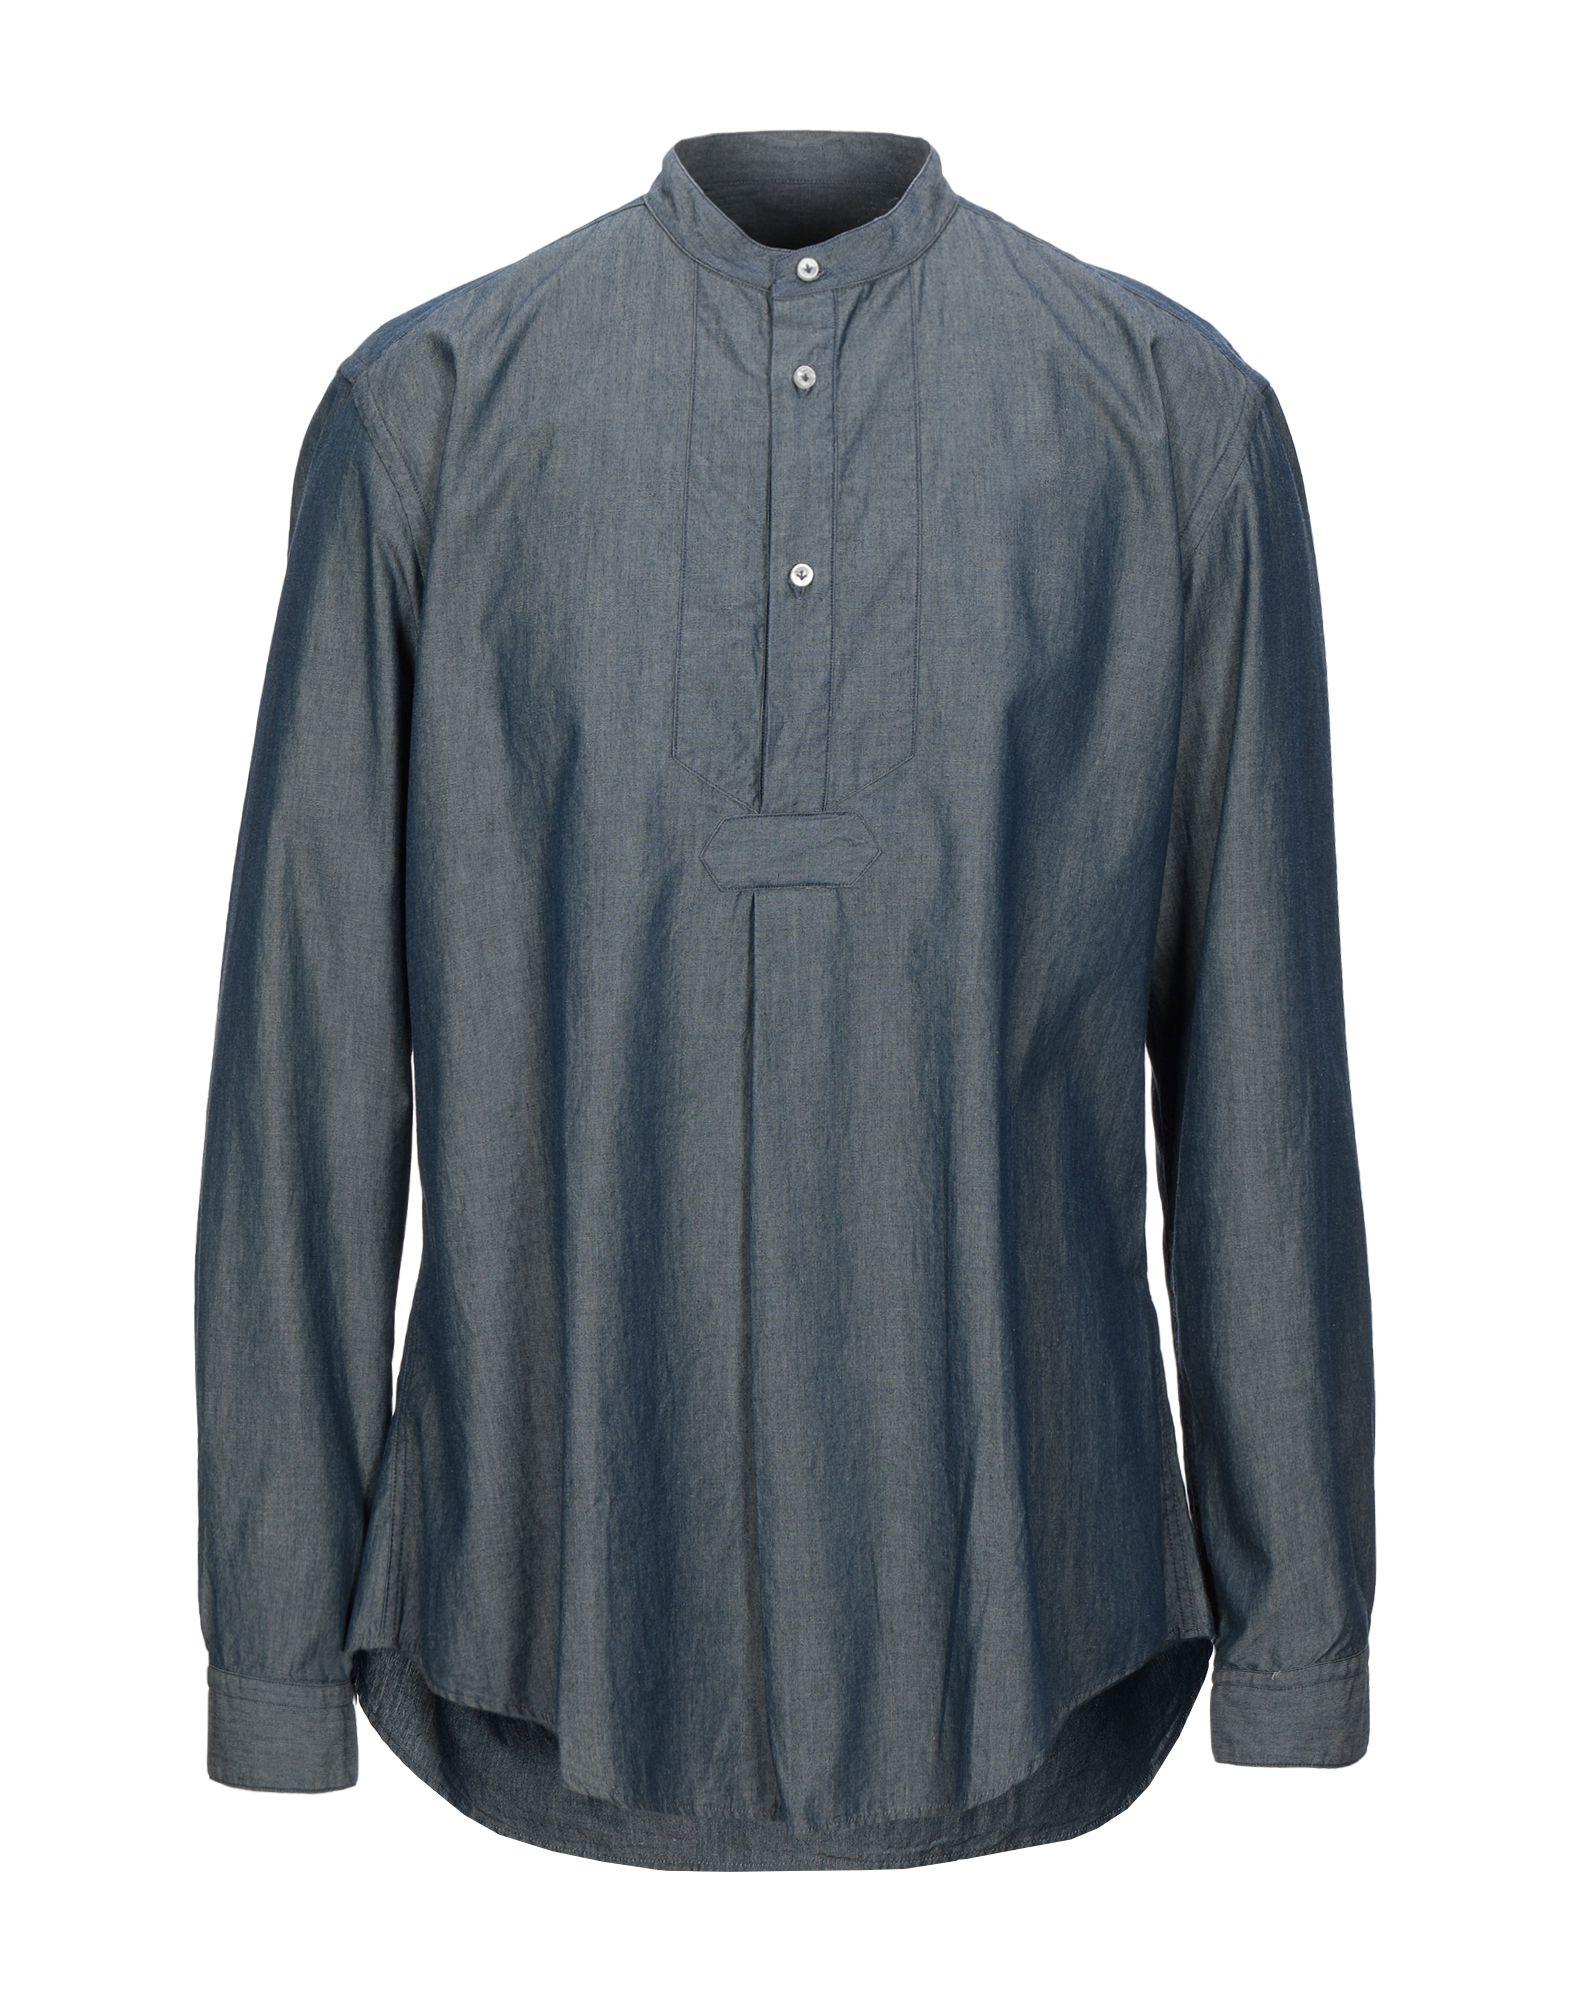 Фото - BRIAN DALES Джинсовая рубашка рубашка greg greg mp002xm05sgb